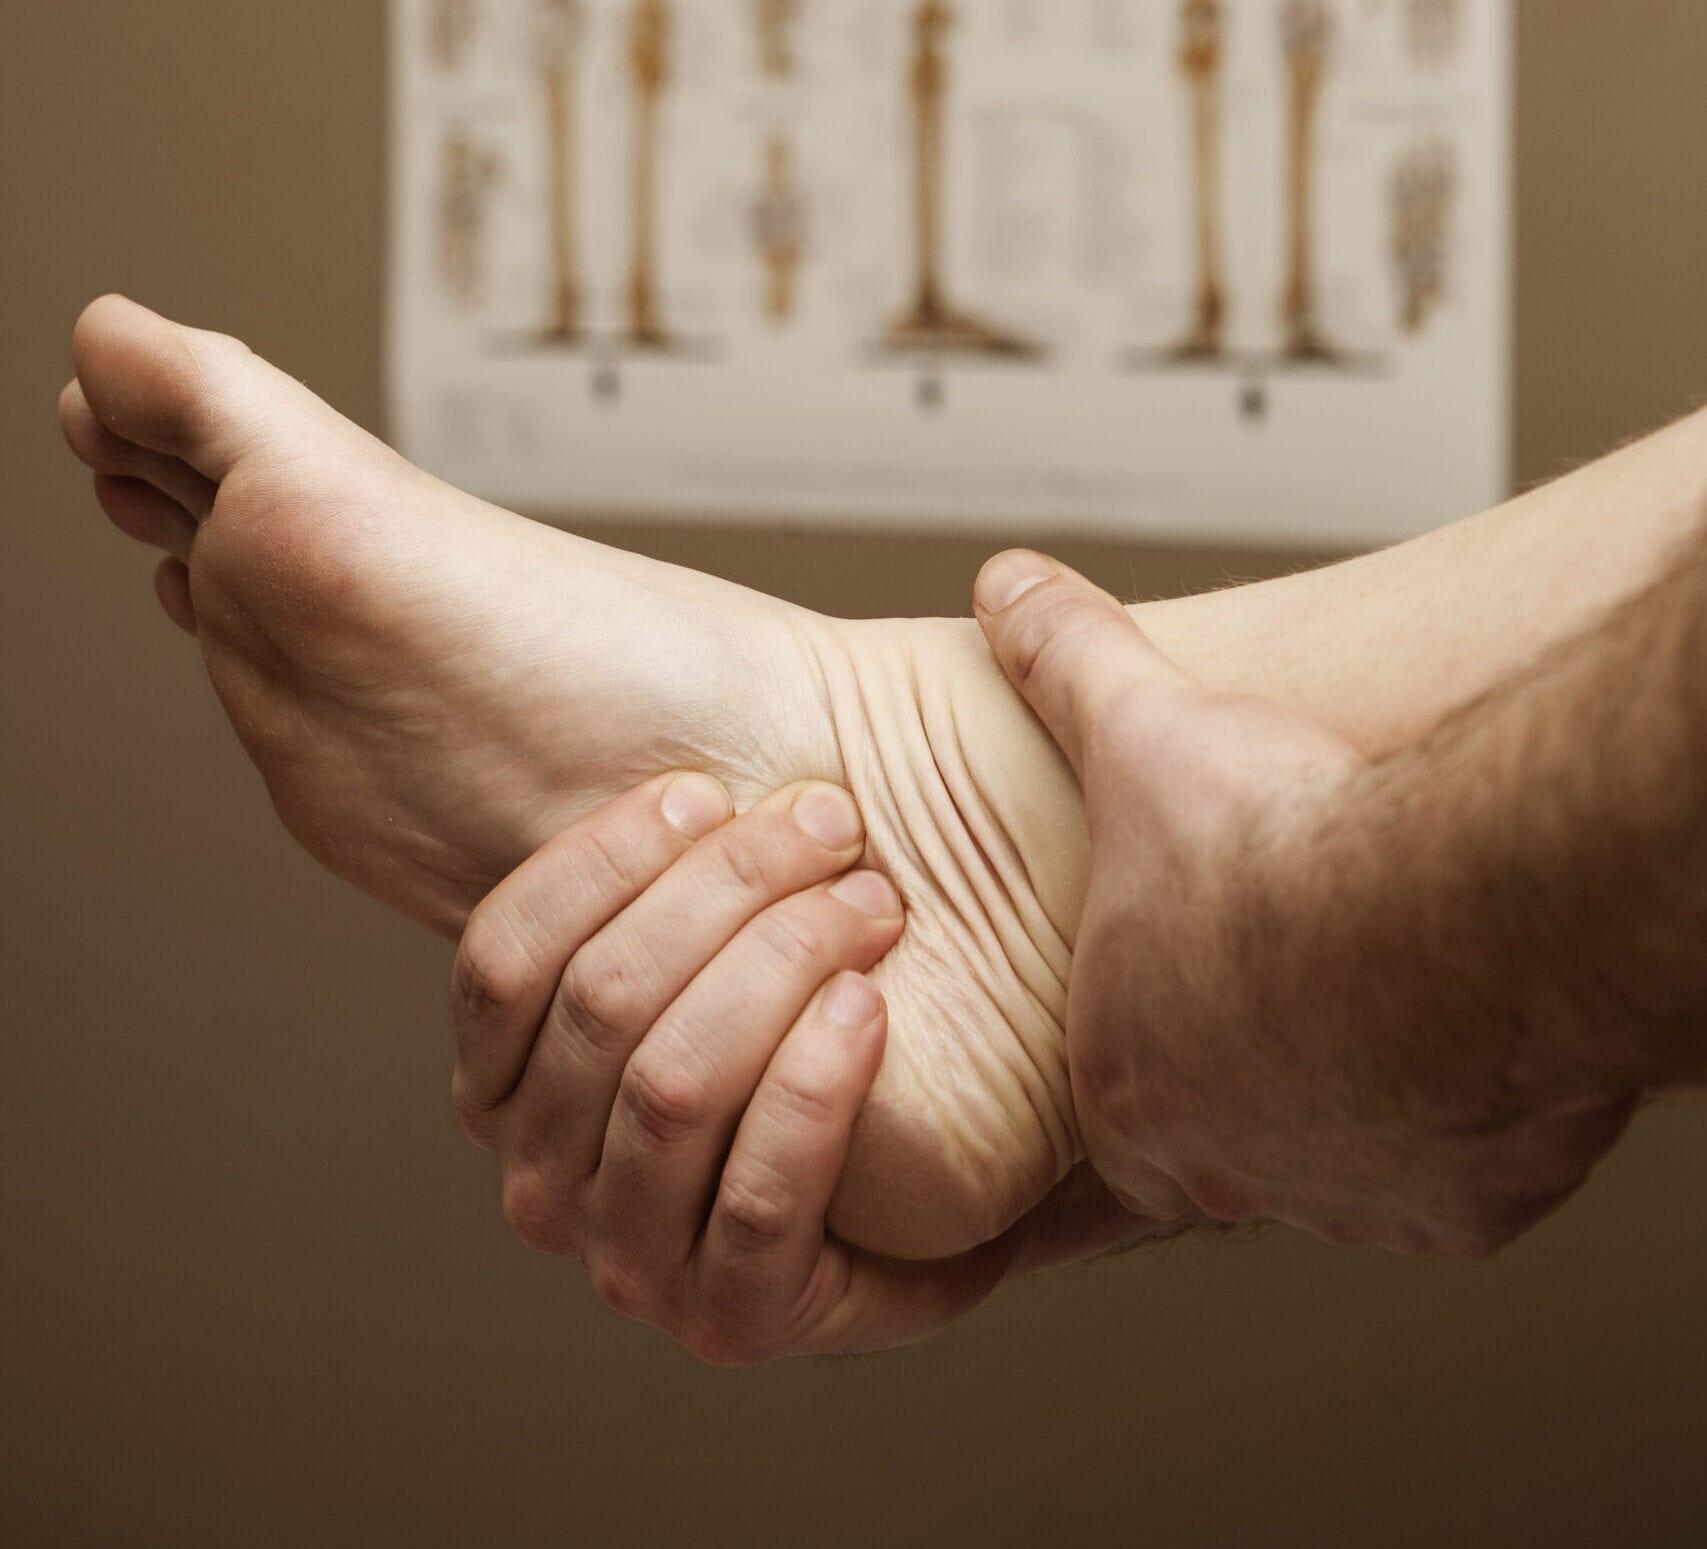 Undersøgelse af fod